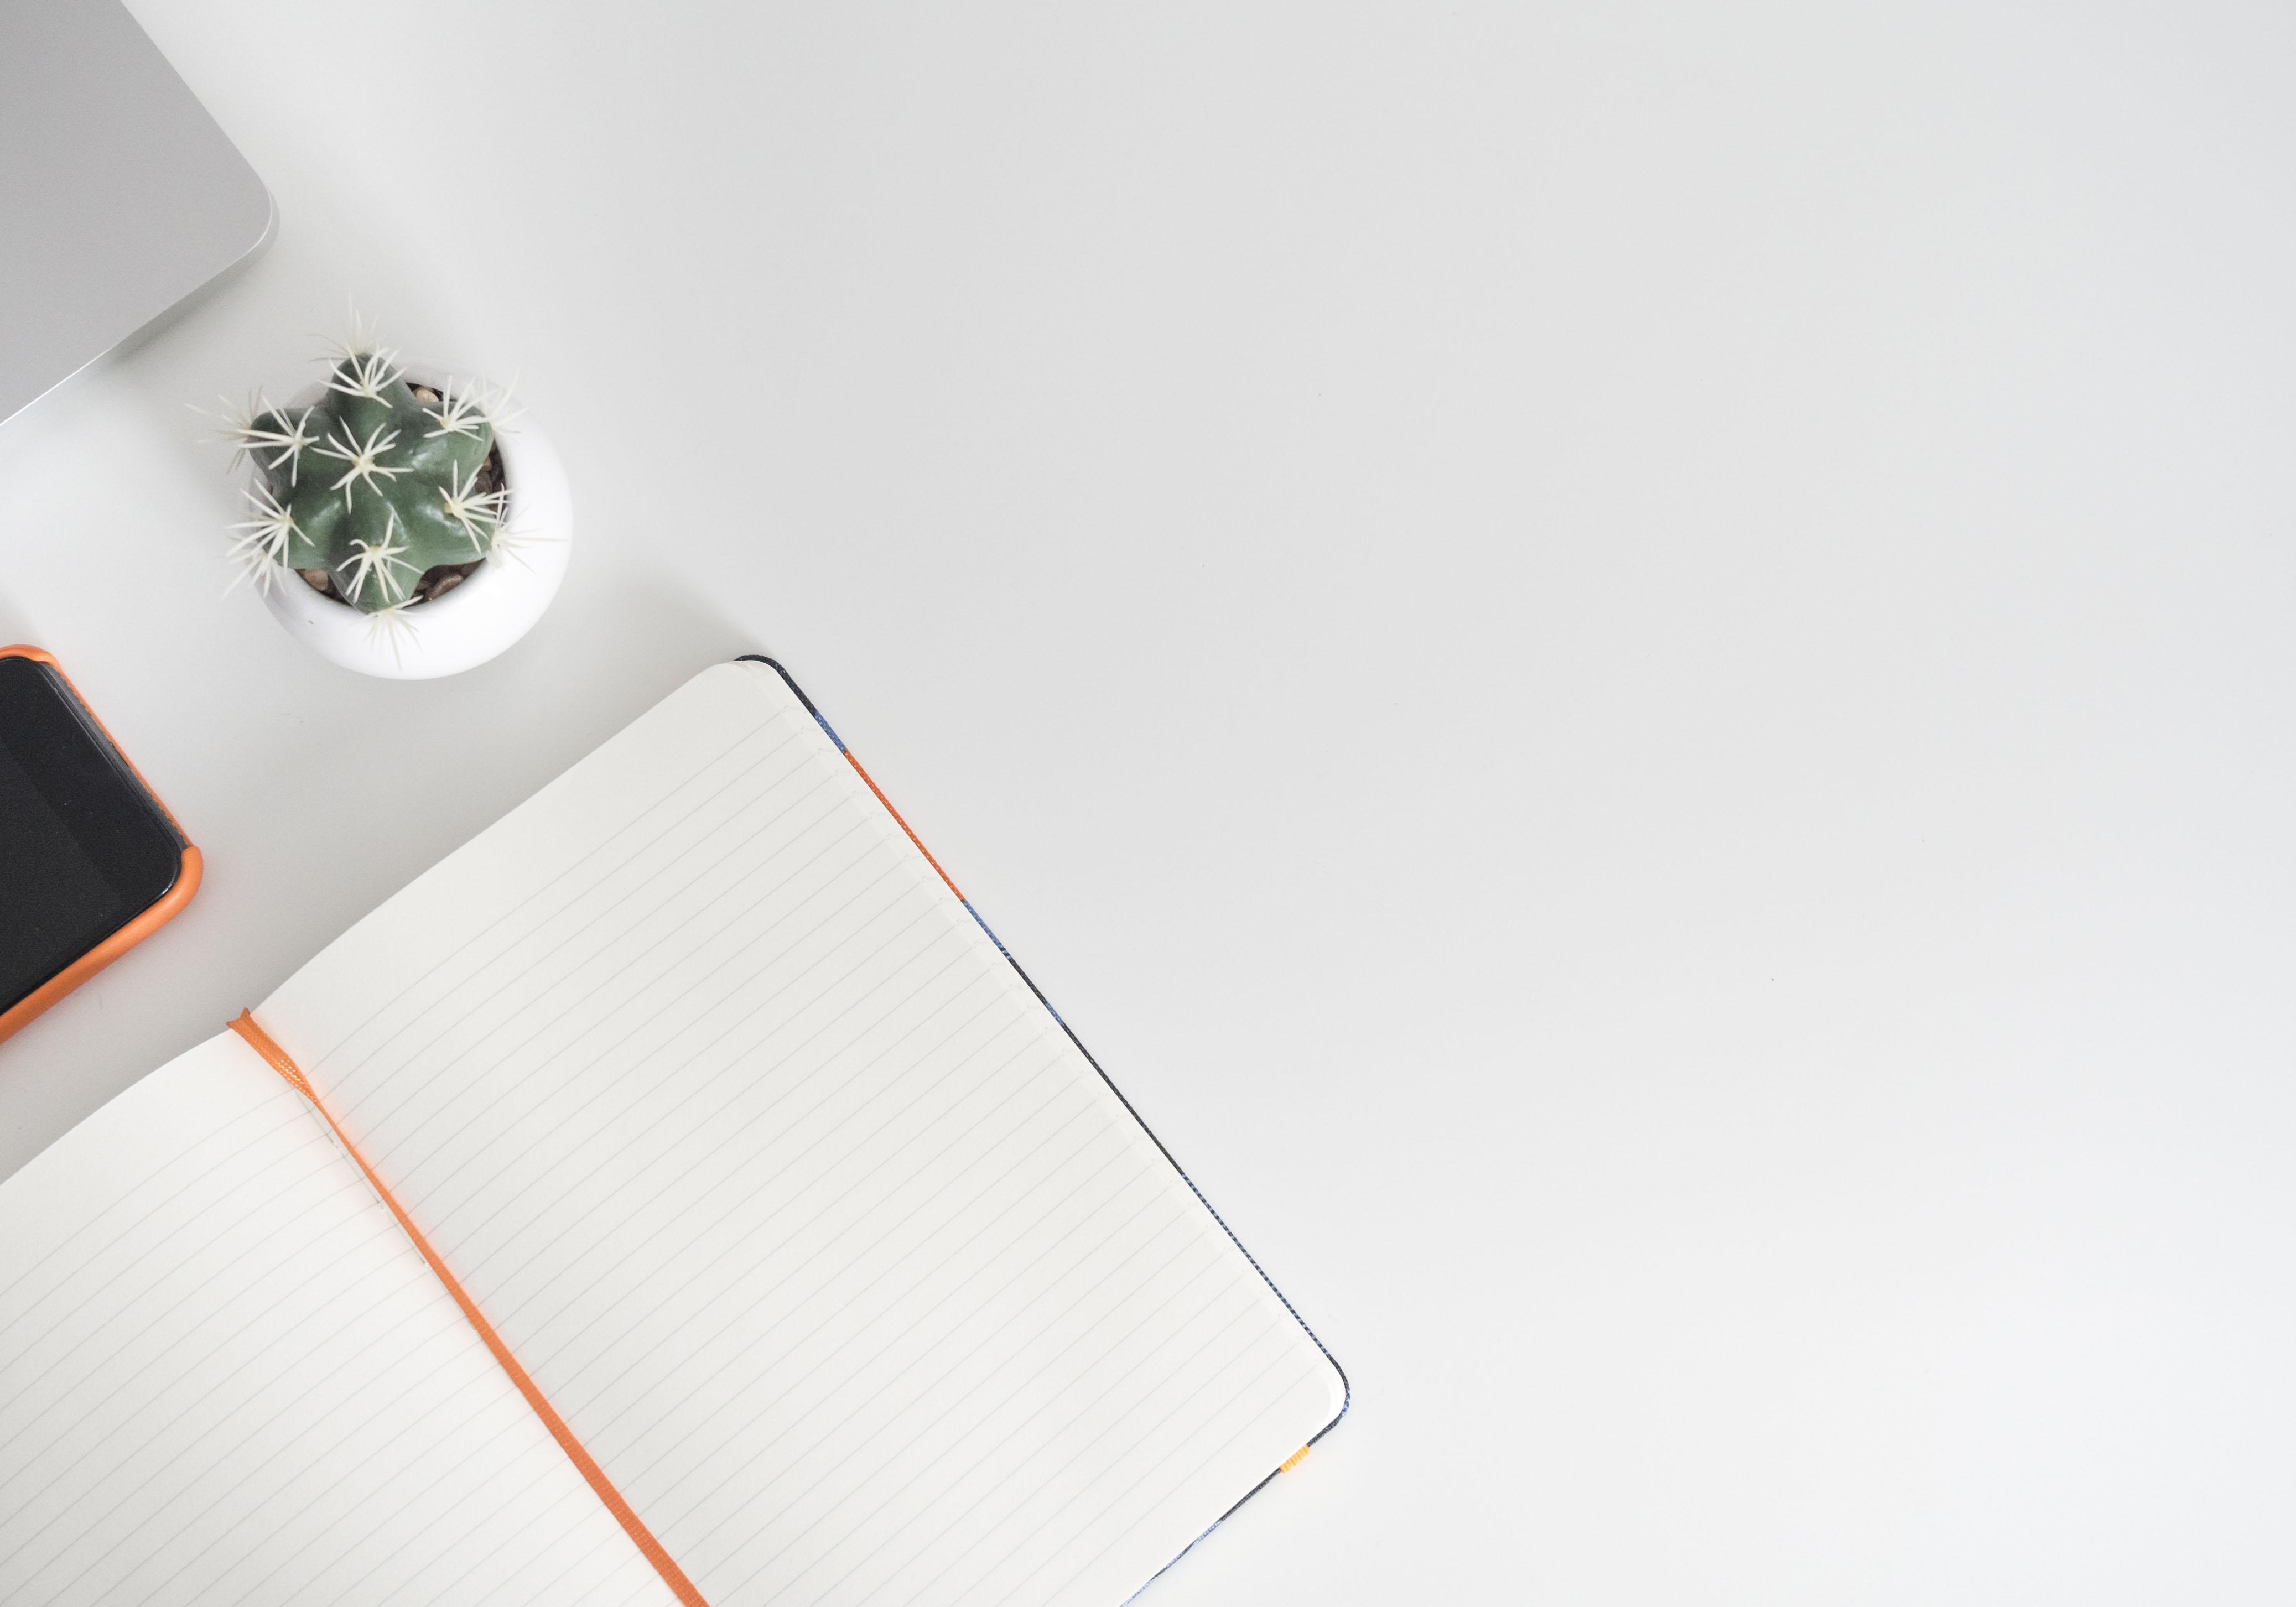 Vita da freelance: flessibilità vs claustrofobia lavorativa?